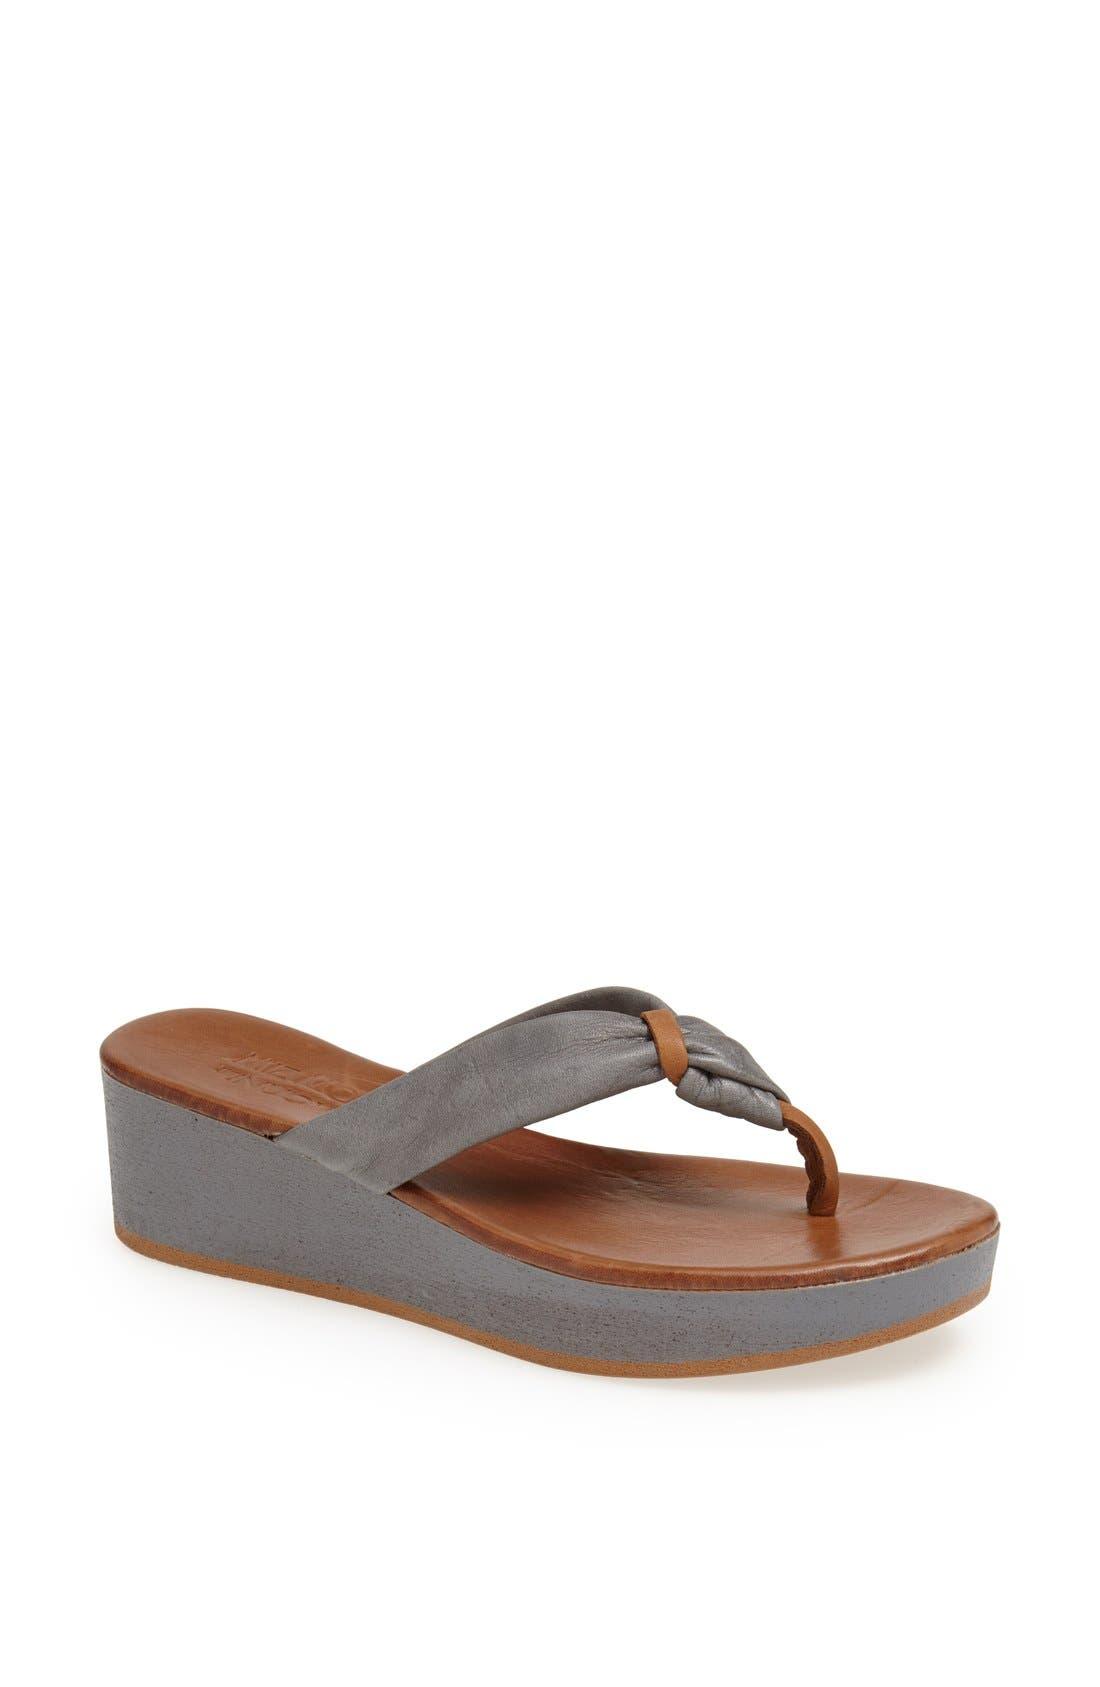 Main Image - Miz Mooz 'Belize' Leather Sandal